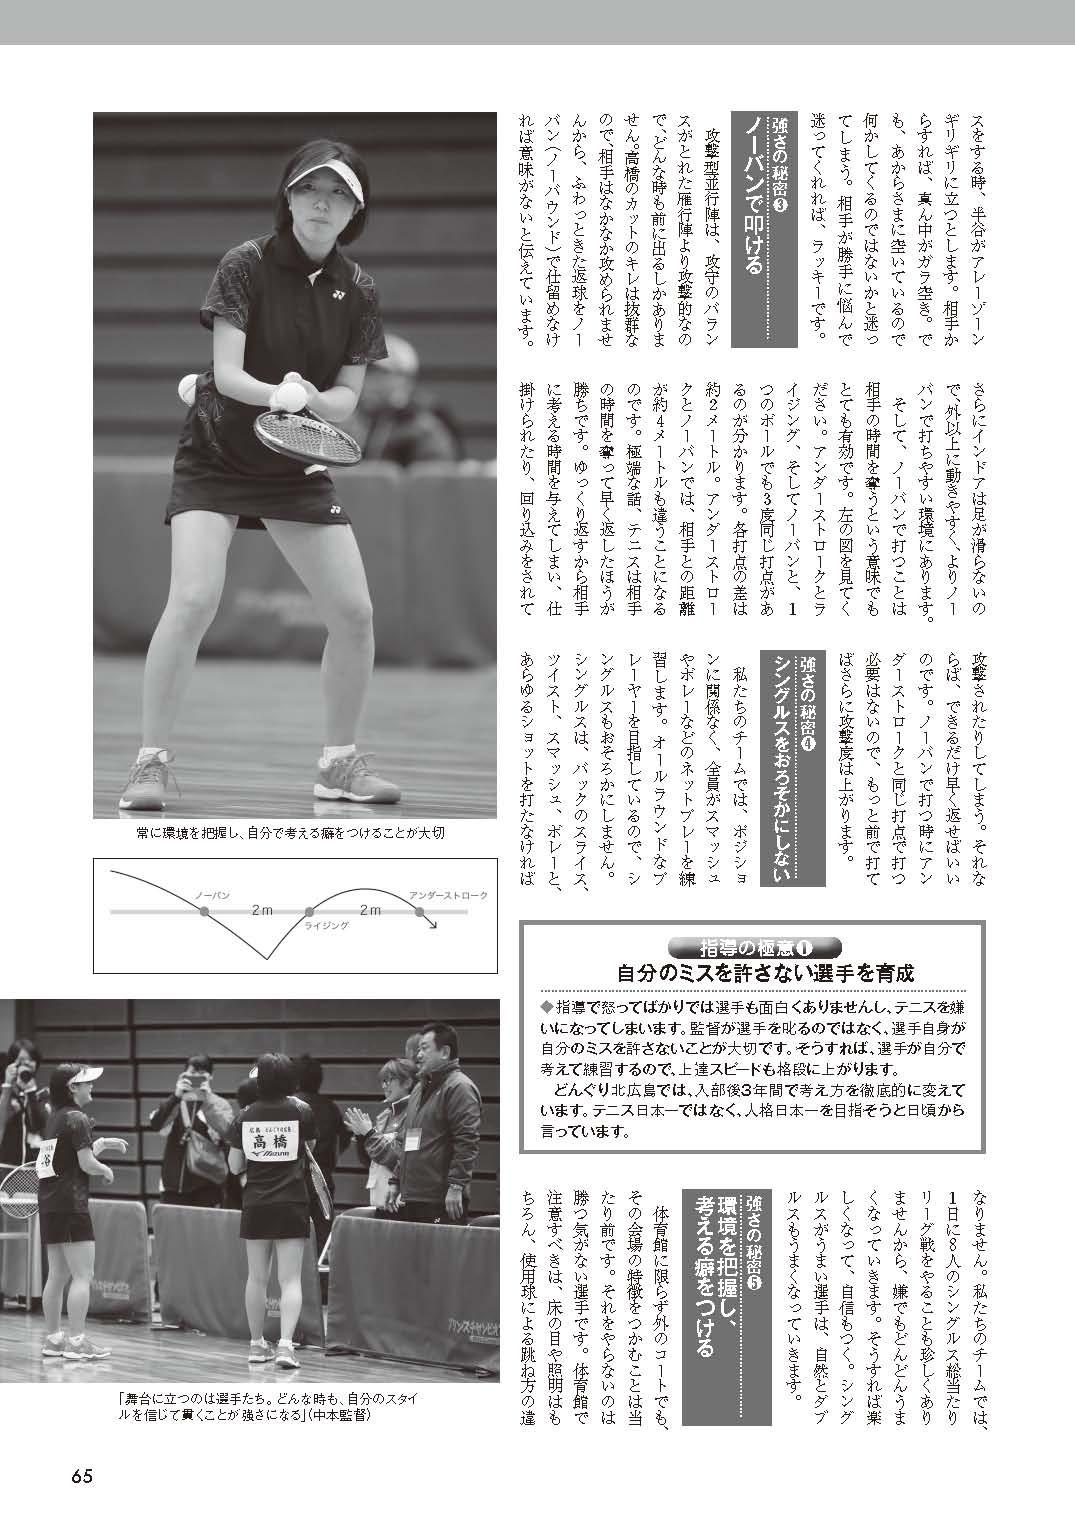 ソフトテニスマガジン2019年3月号P65